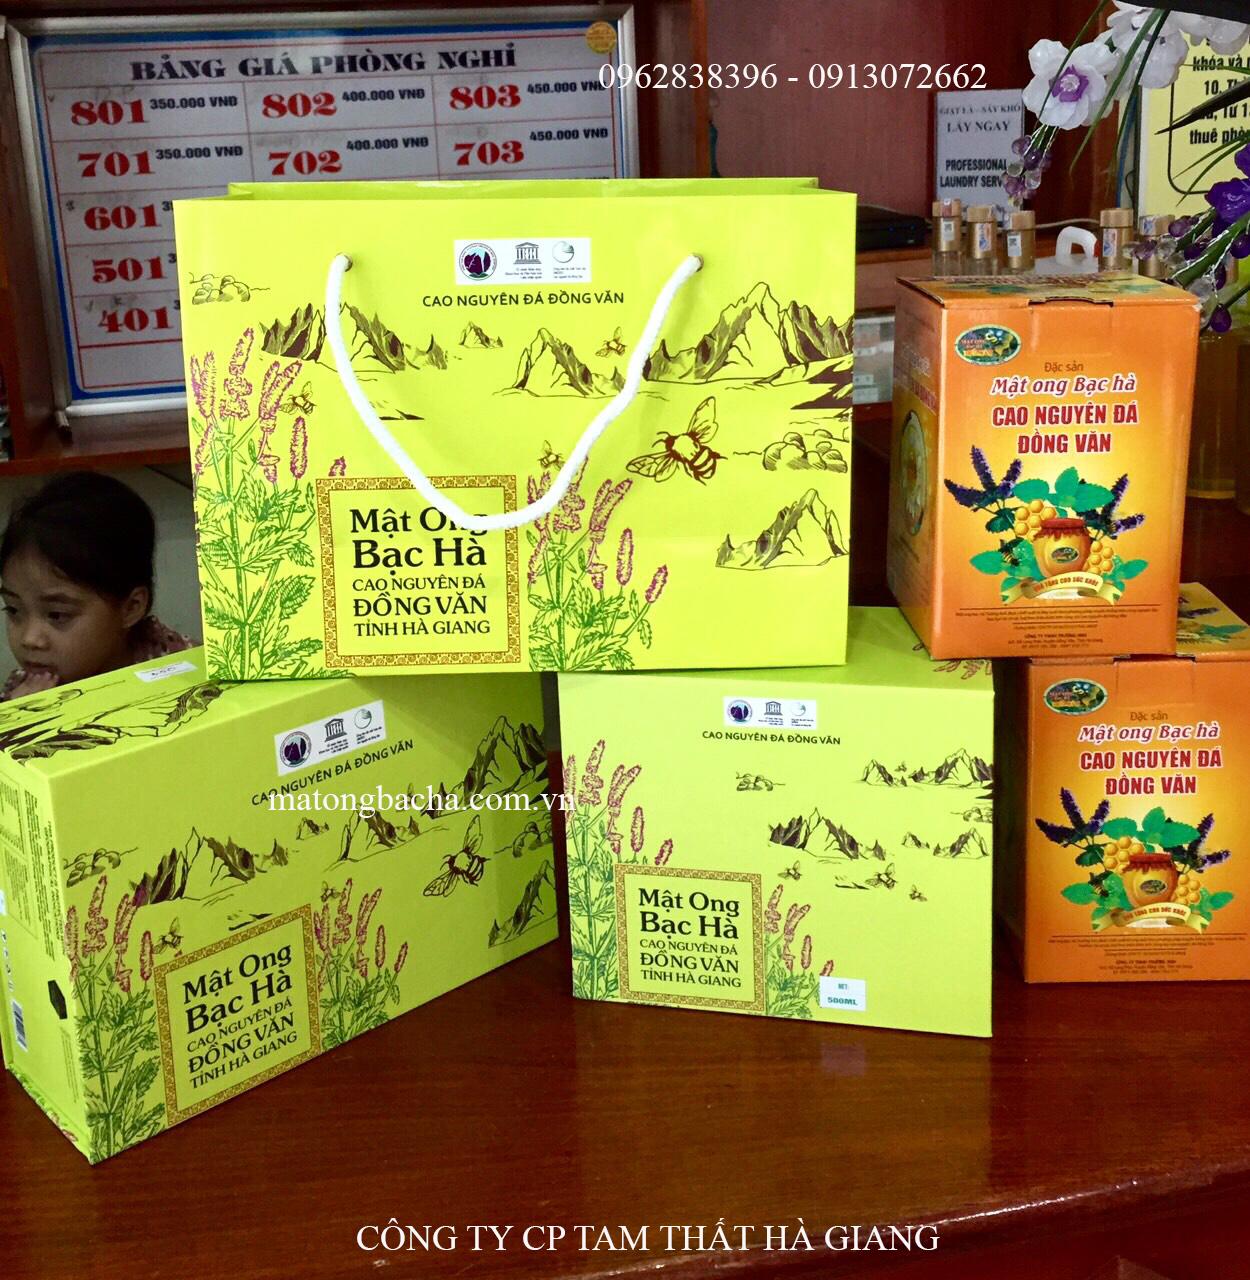 Sản phẩm mật ong bạc hà hộp quà biếu lịch sự